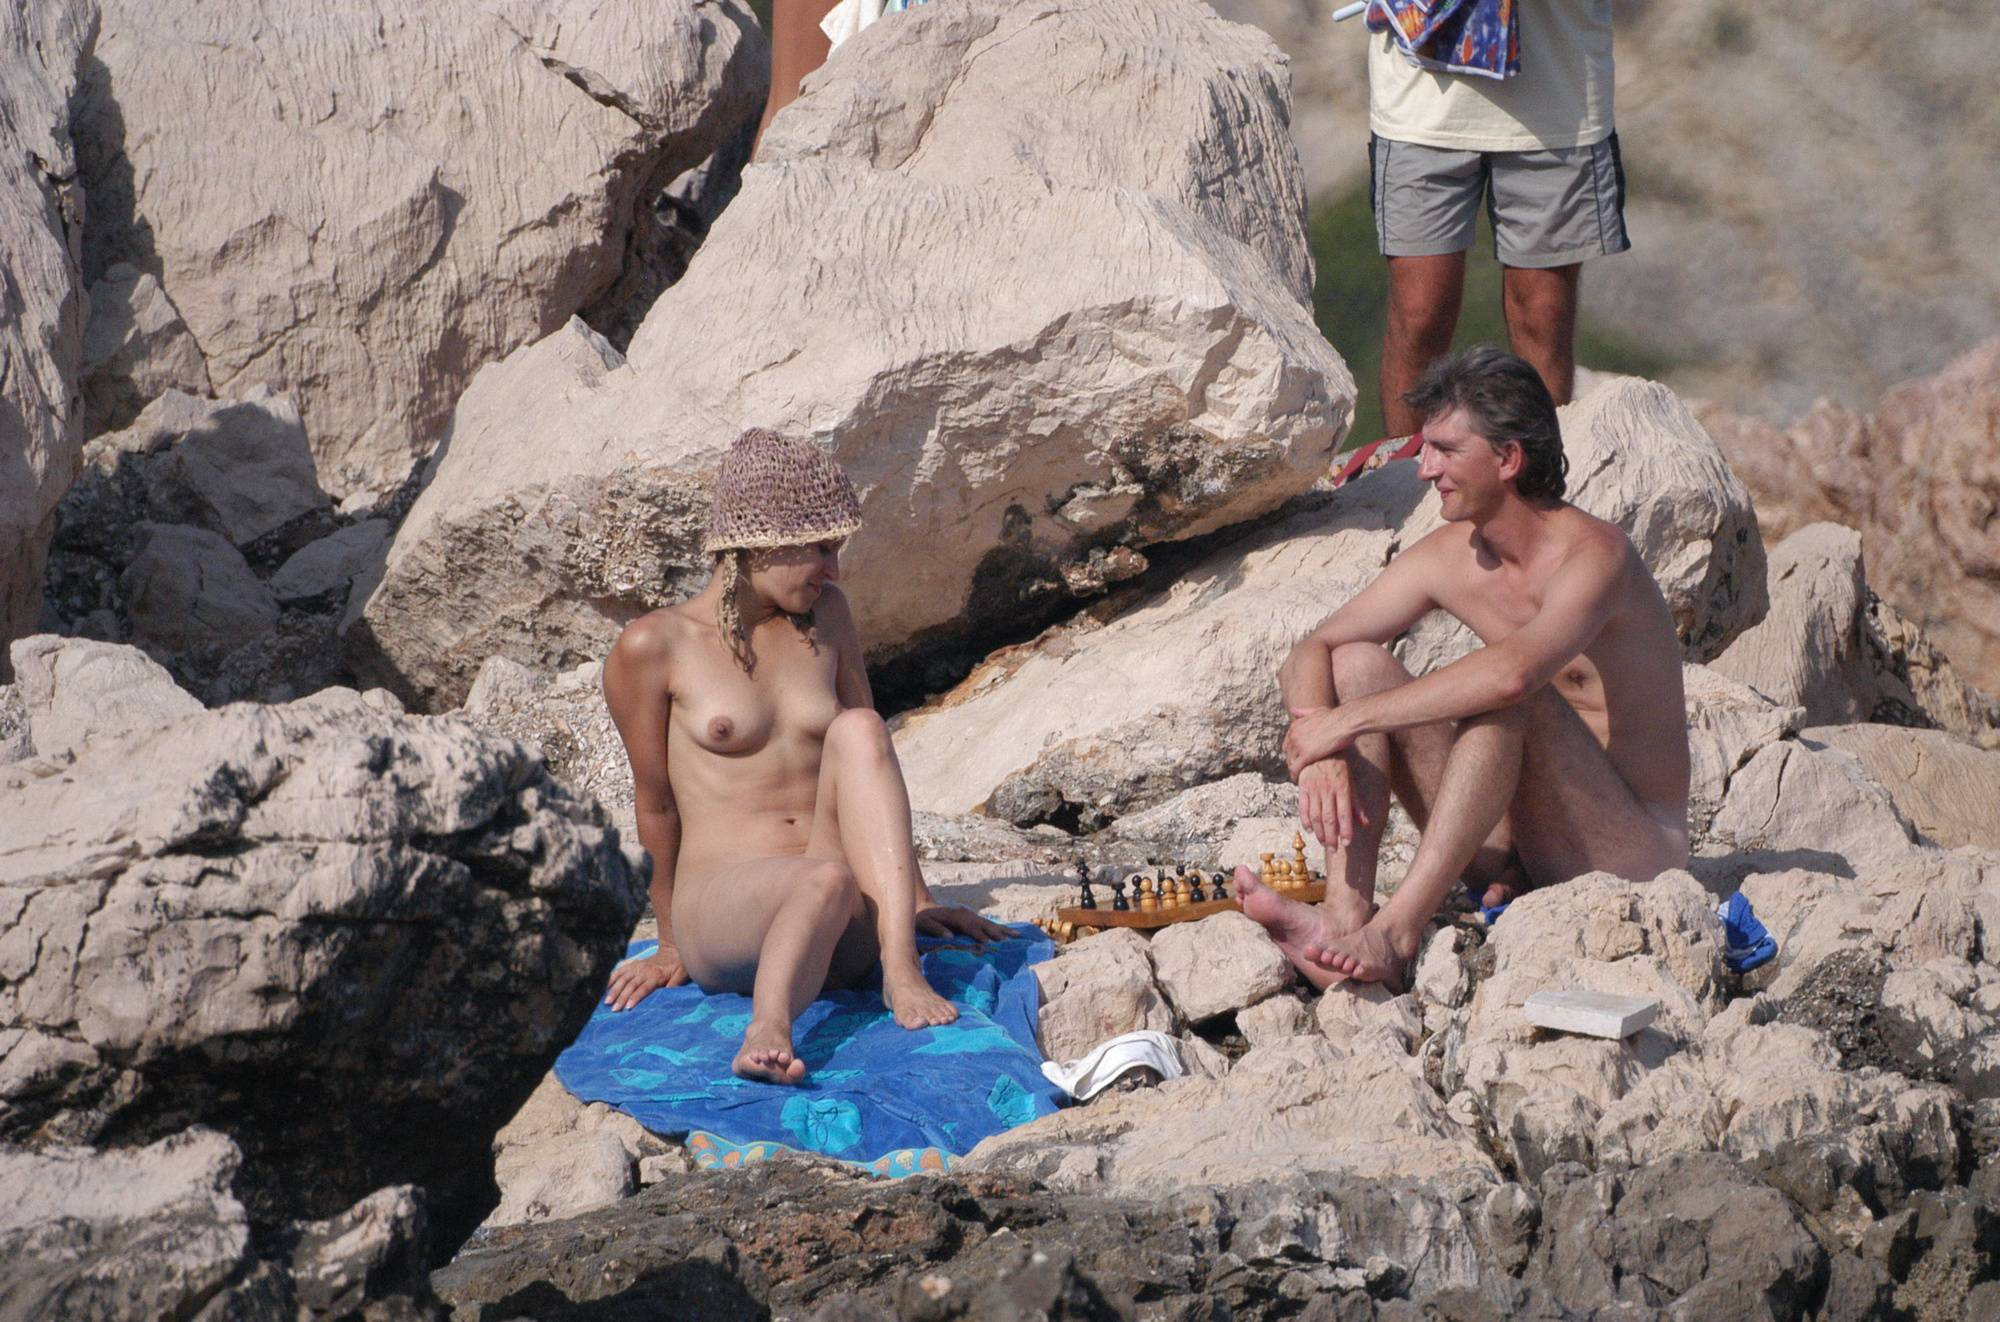 Nudist Pics Baska Rock-Top Picnic - 2